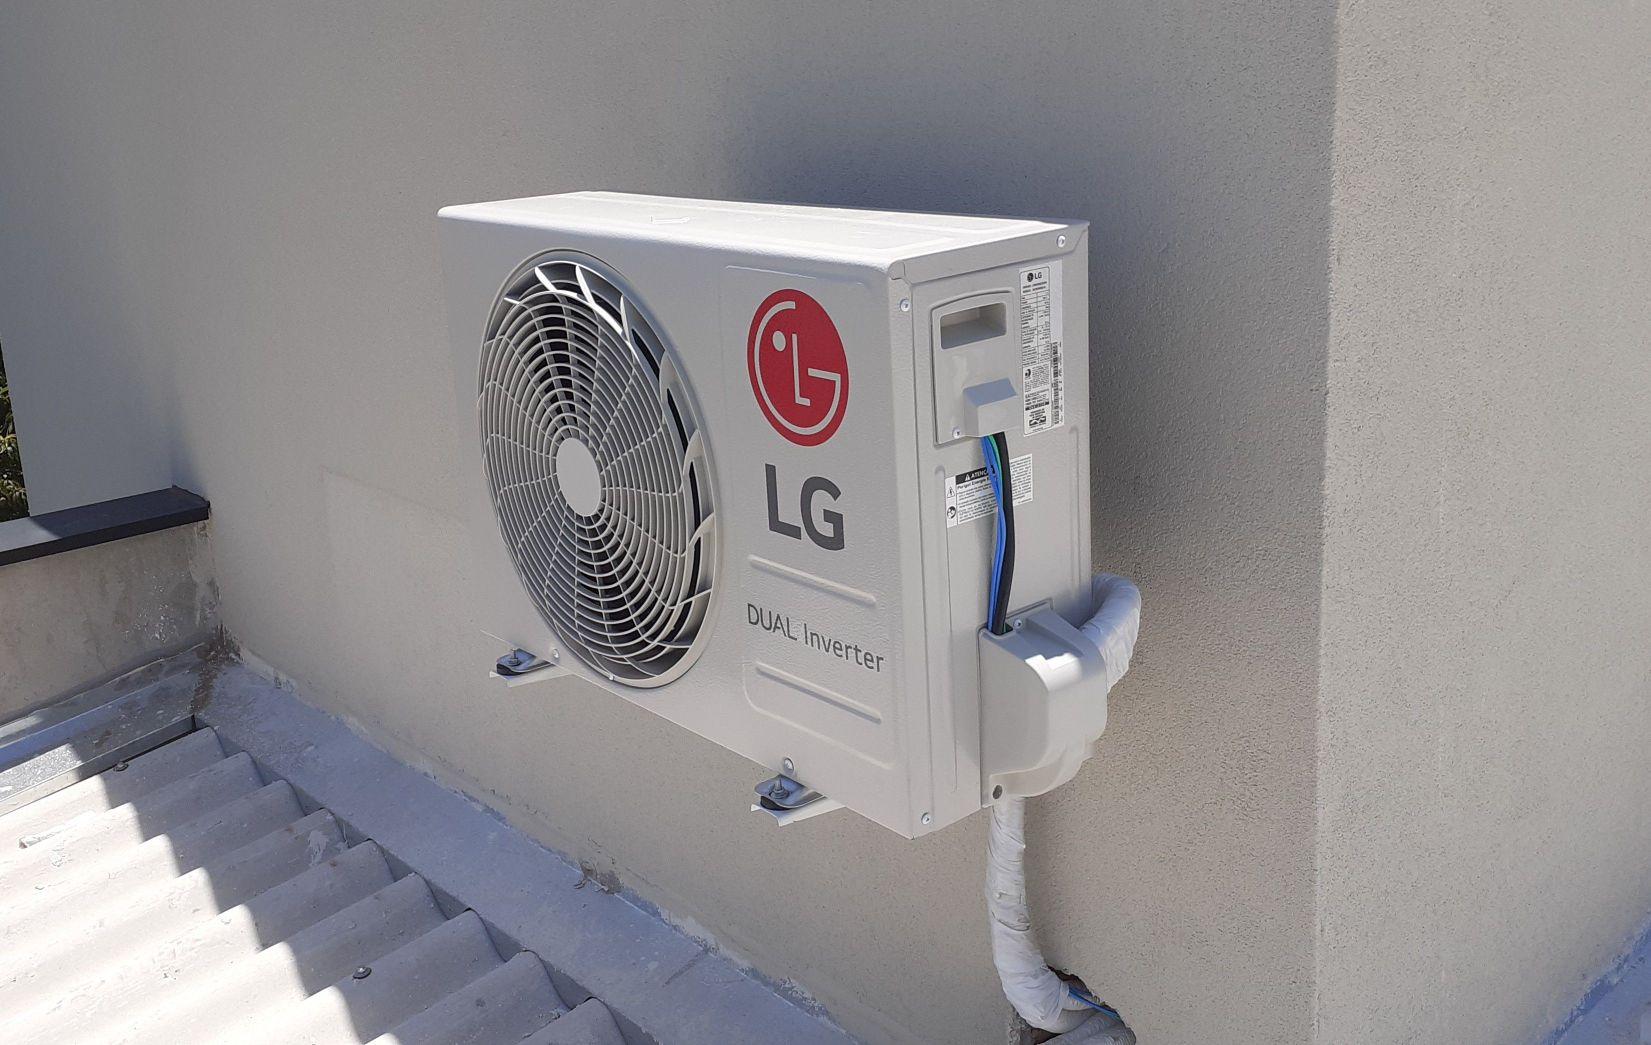 LG 9000 btu's